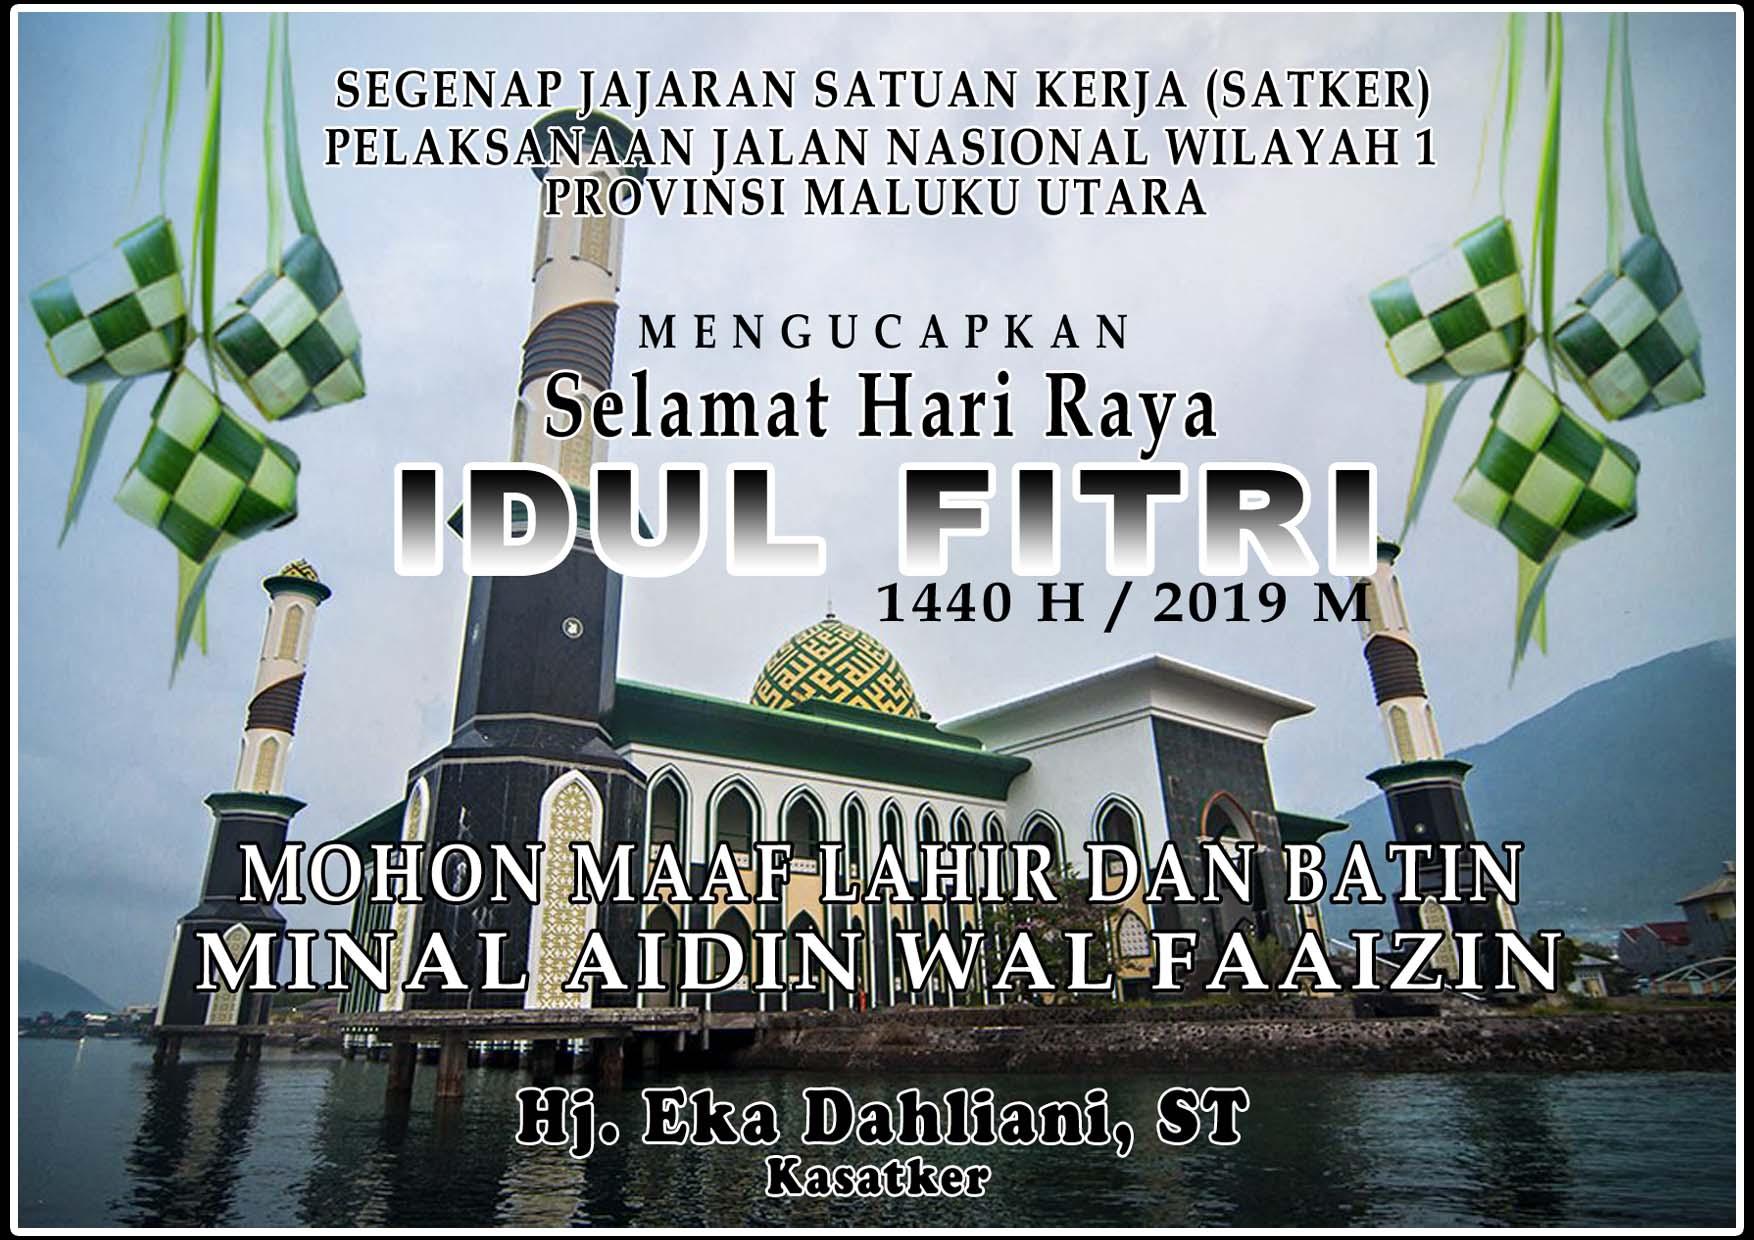 BERITA IKLAN : Segenap Jajaran Satker Pelaksanaan Jalan Nasional Wilayah I Maluku Utara Mengucapkan Selamat Hari Raya Idul Fitri